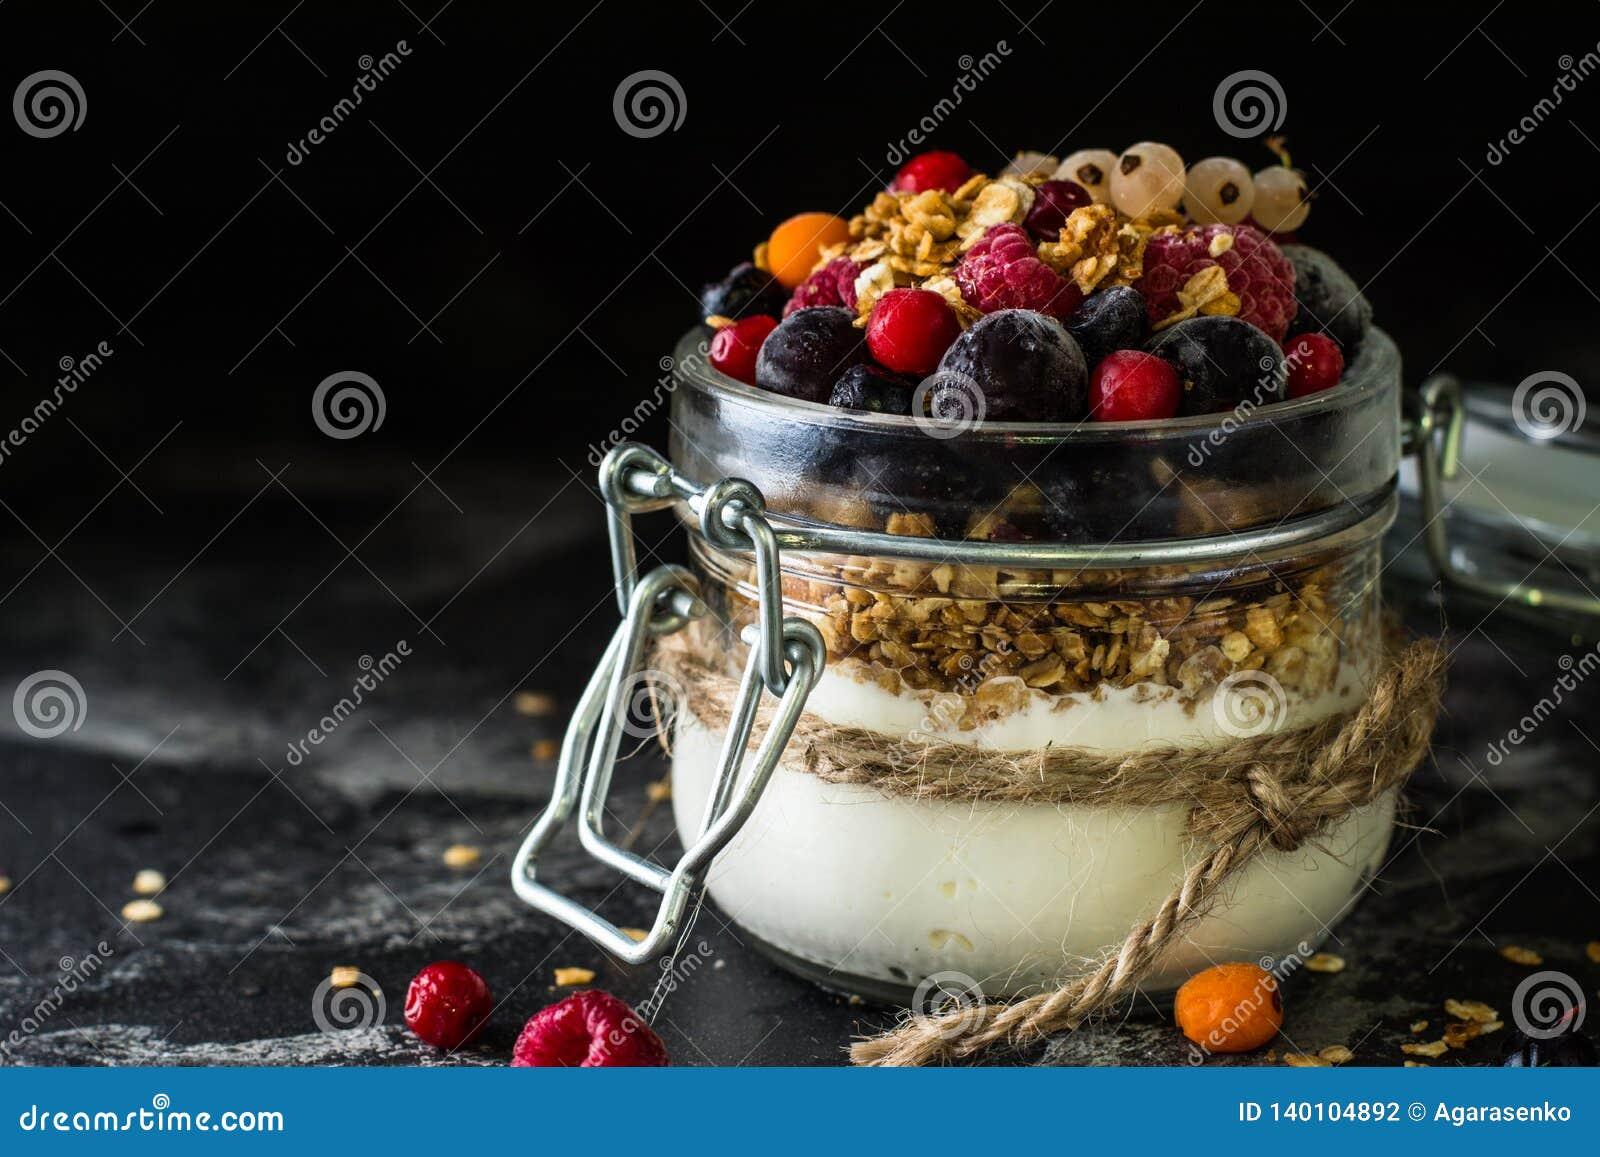 Yaourt avec la granola et les baies dans le petit pot, fraises, myrtilles , cassis douceur Yaourt fait maison Nourriture saine